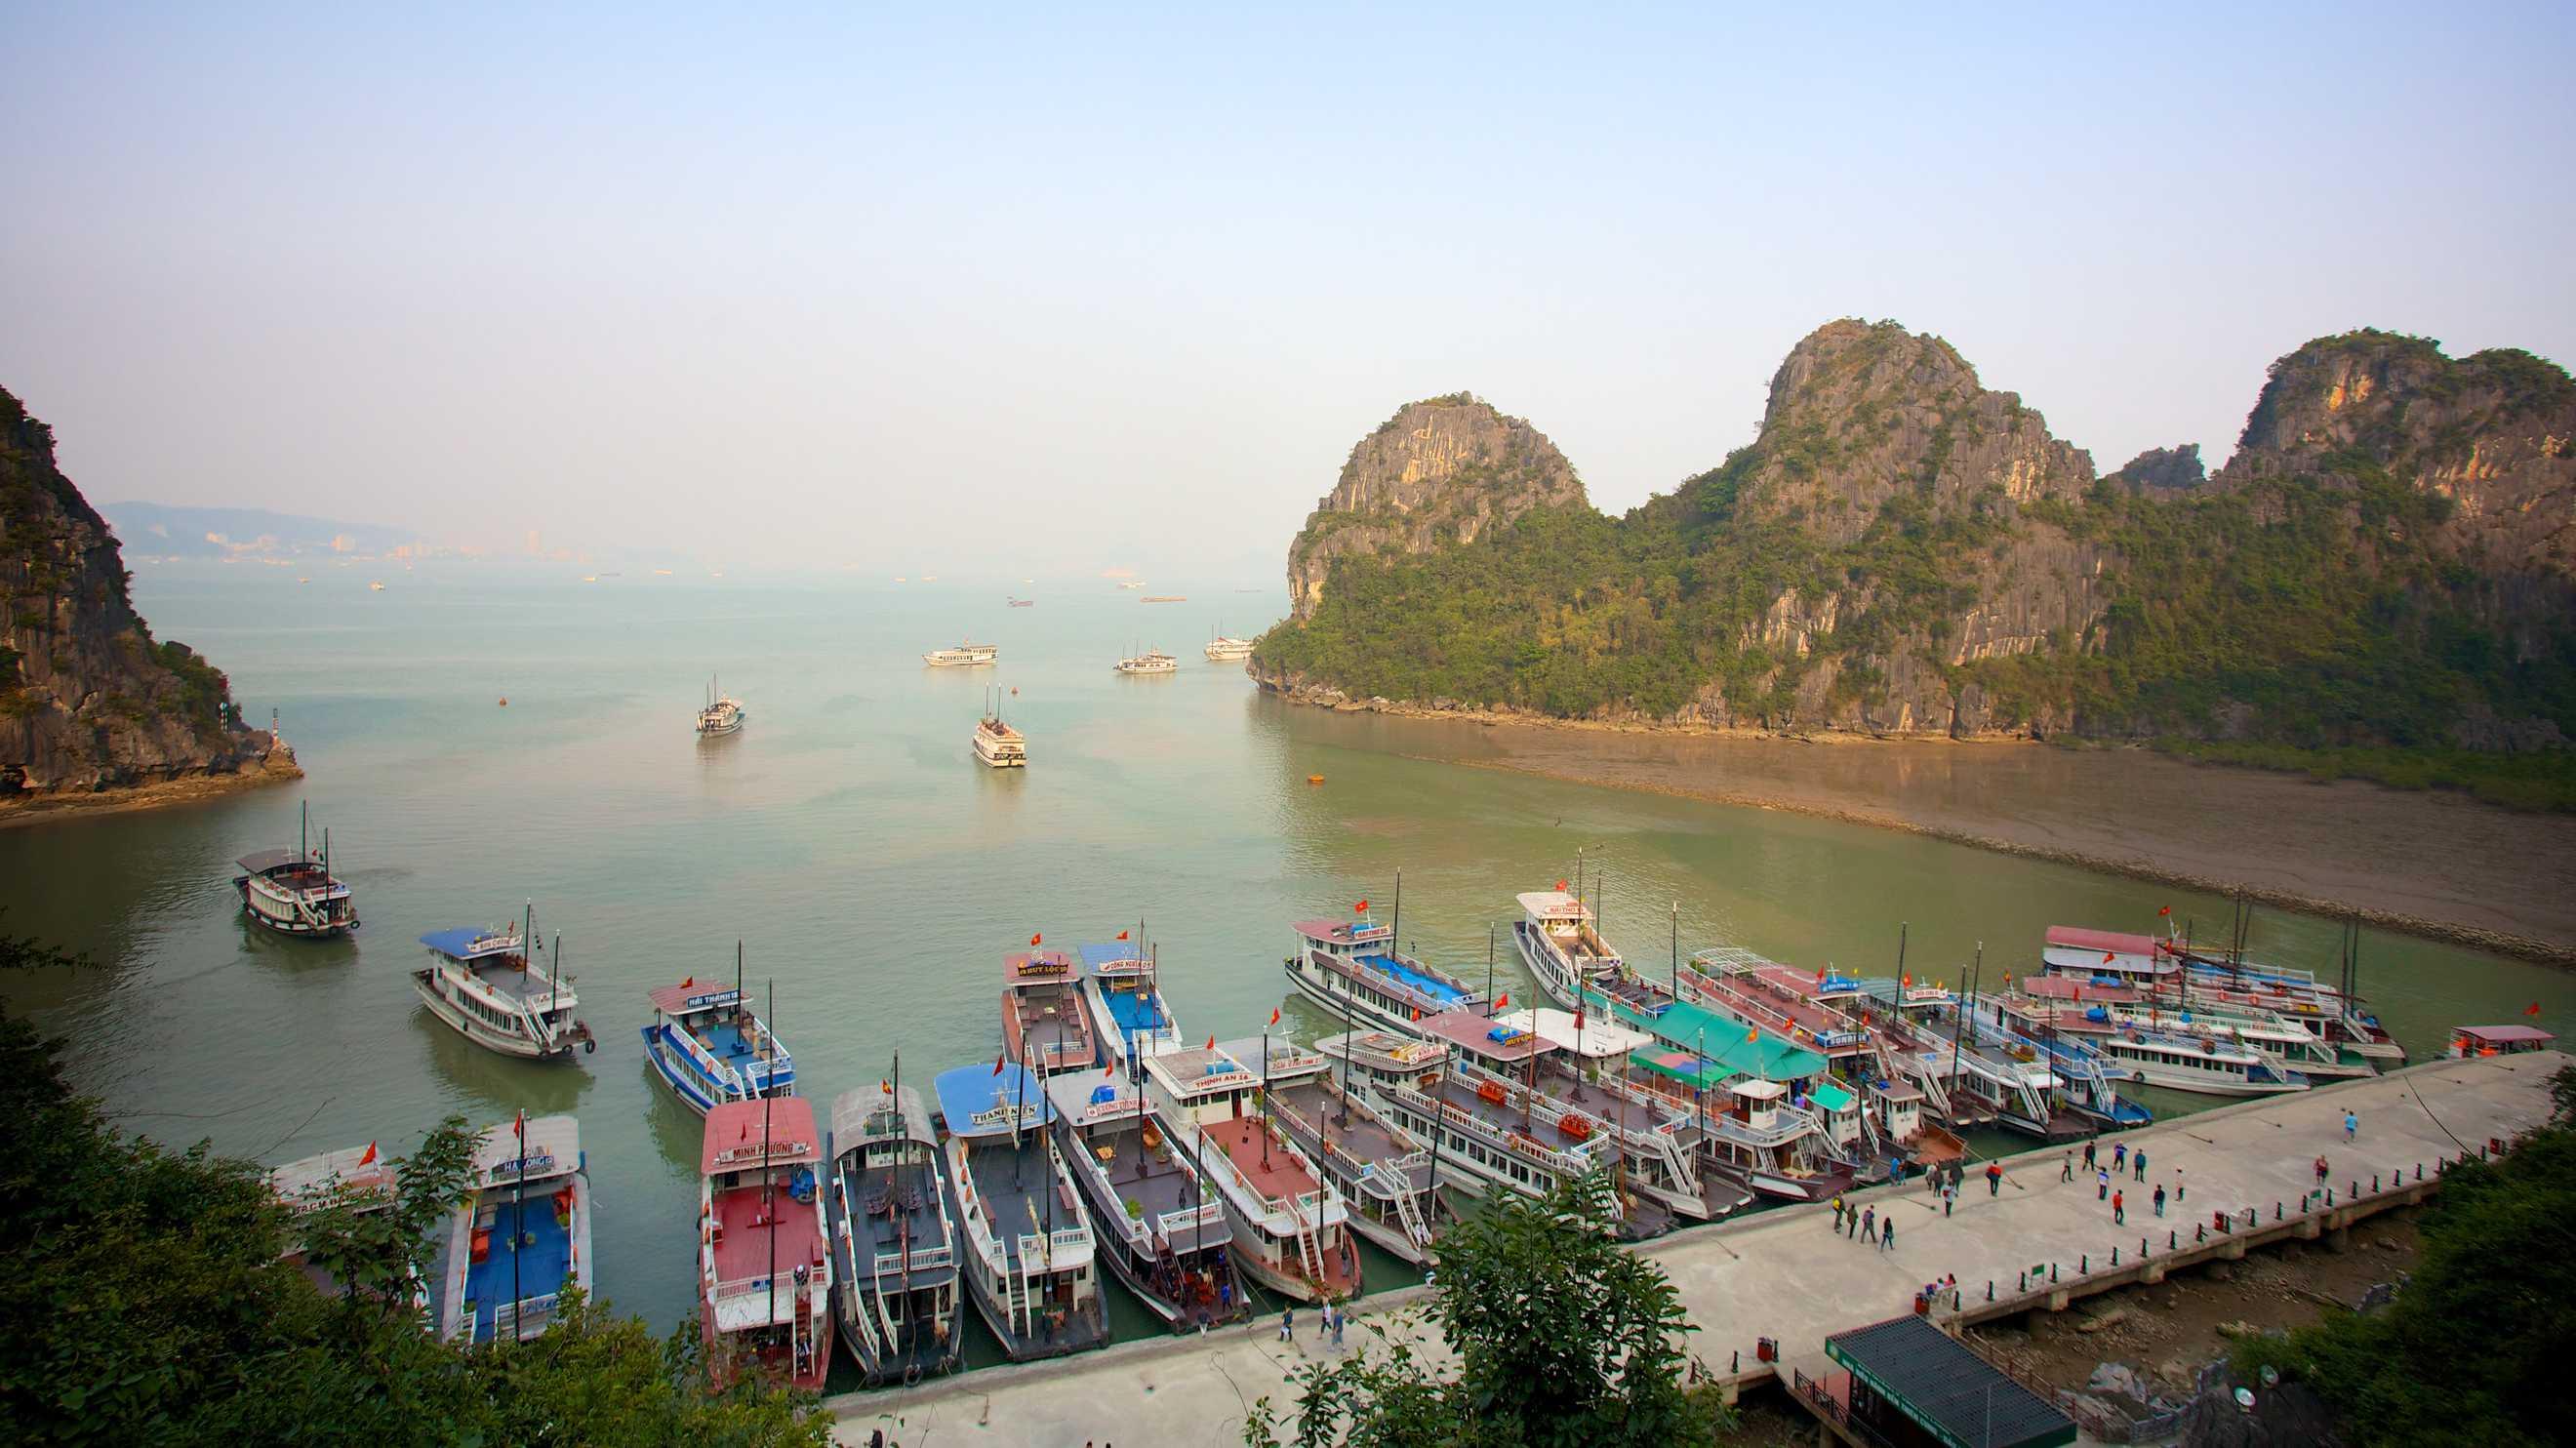 Vietnam Holidays: Cheap Vietnam Holiday Packages & Deals | Expedia.com.au